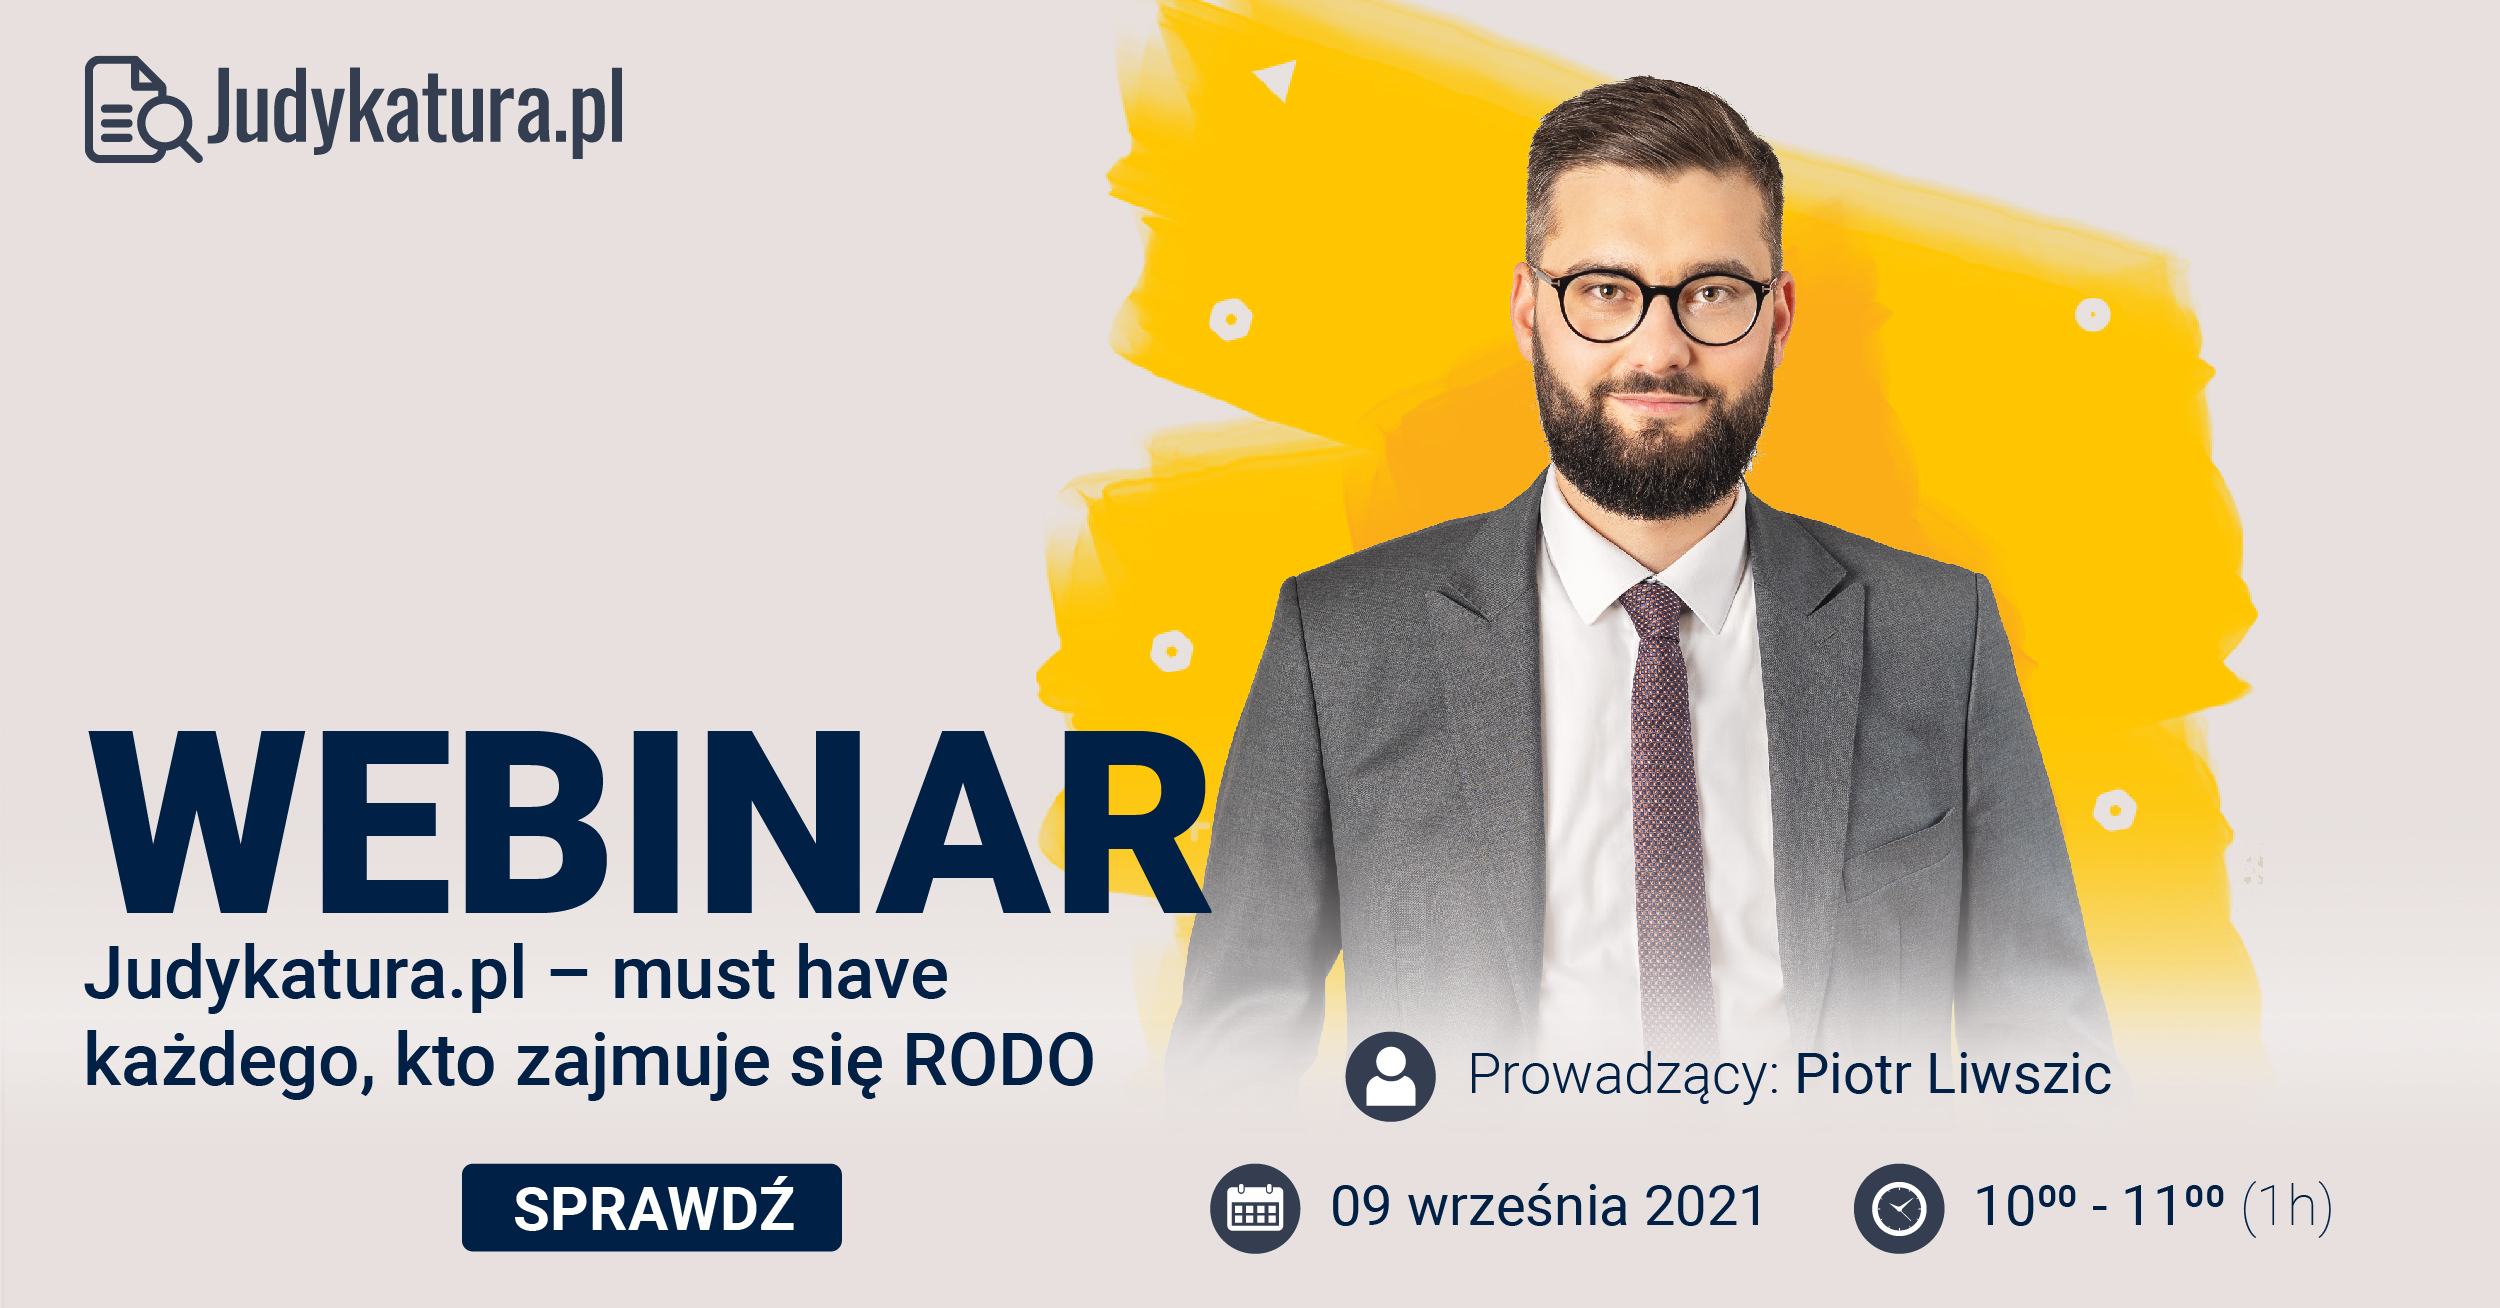 Judykatura.pl – must have każdego, kto zajmuje się RODO